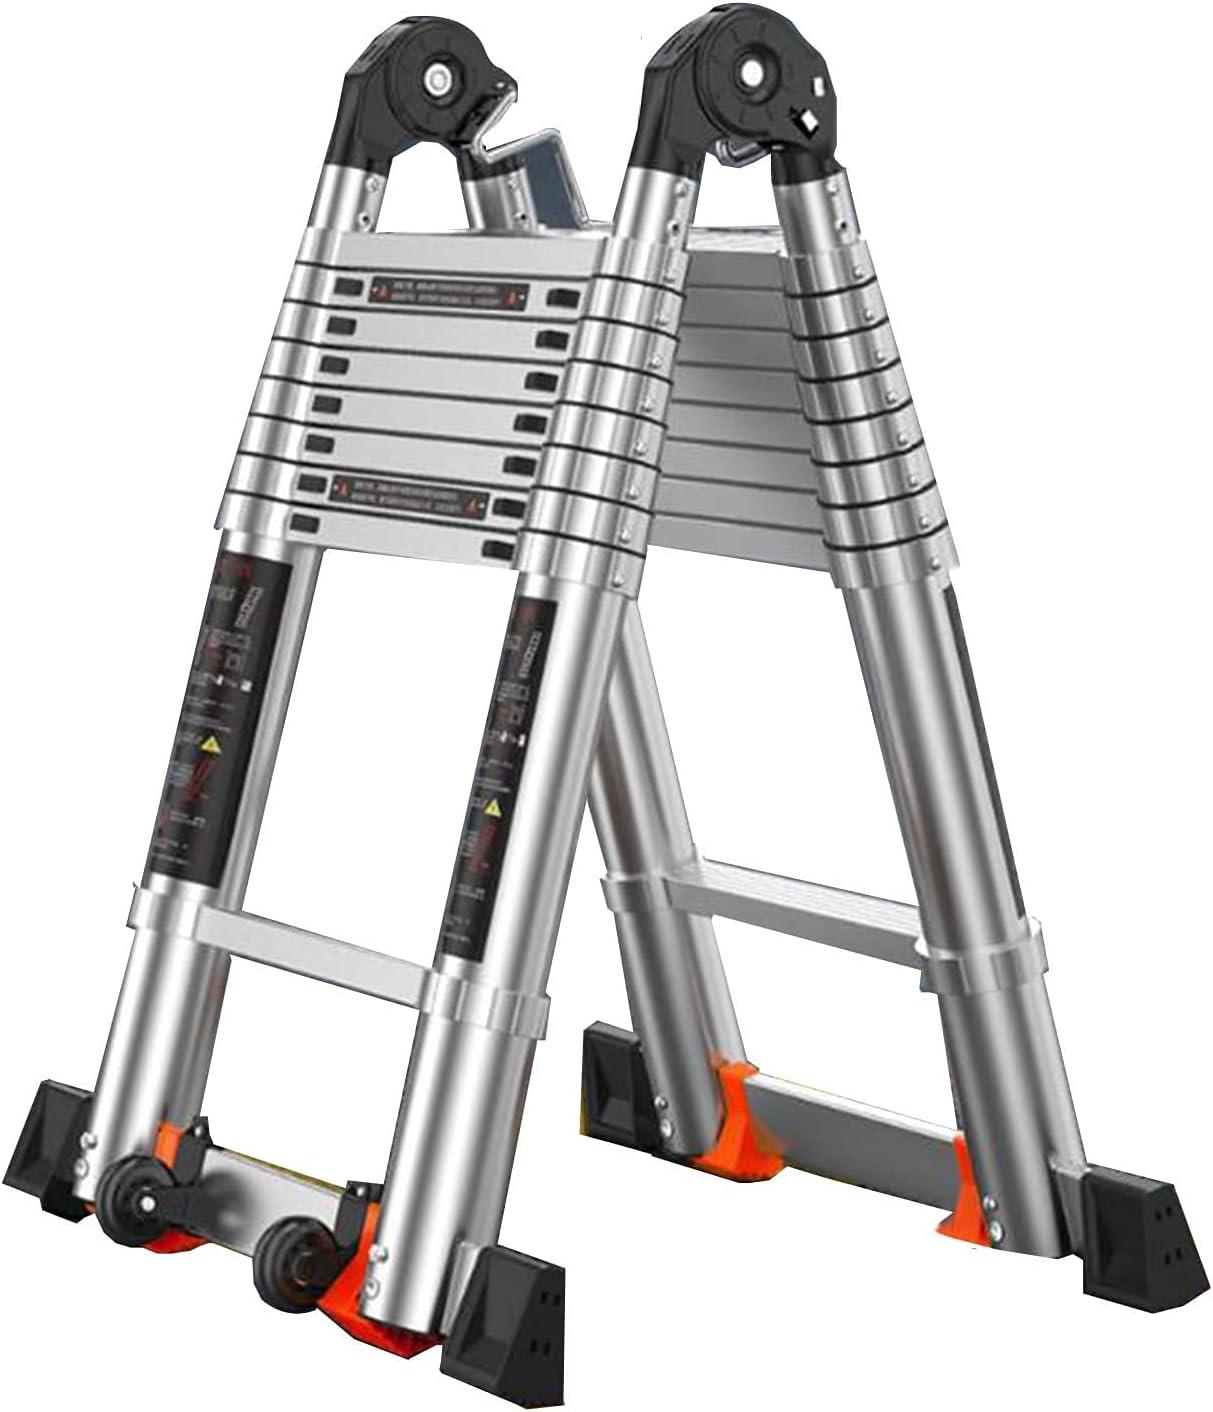 Dallas Mall Multi-Purpose Aluminum Telescopic Max 52% OFF Ladder Fo Extension Portable -